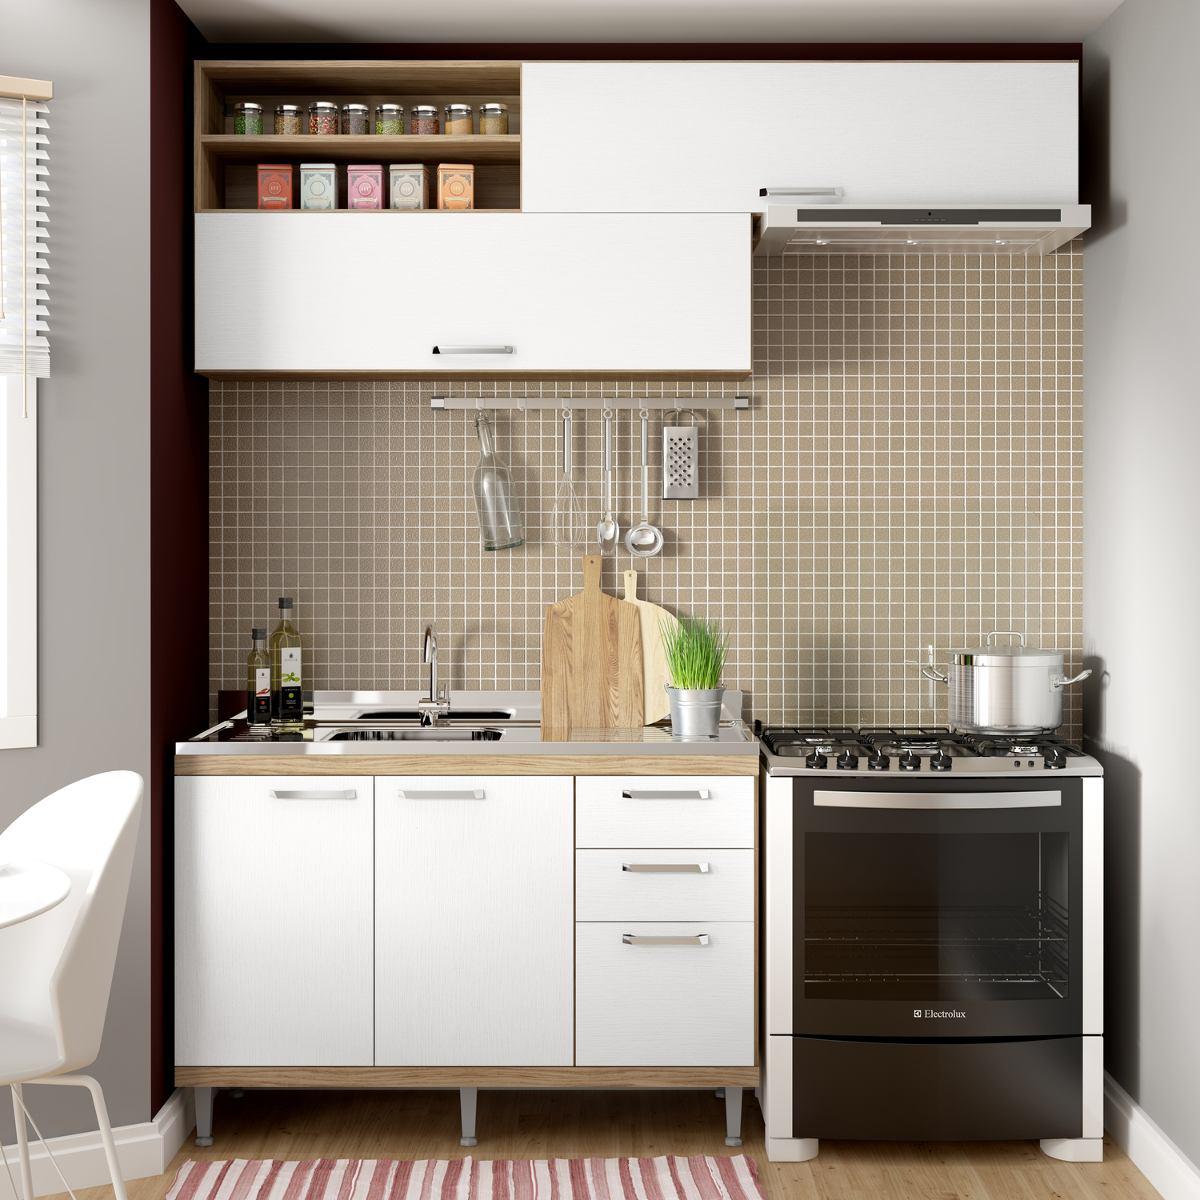 Cozinha Compacta Isis Siena M Veis Argila Branco Ba R 557 90 Em